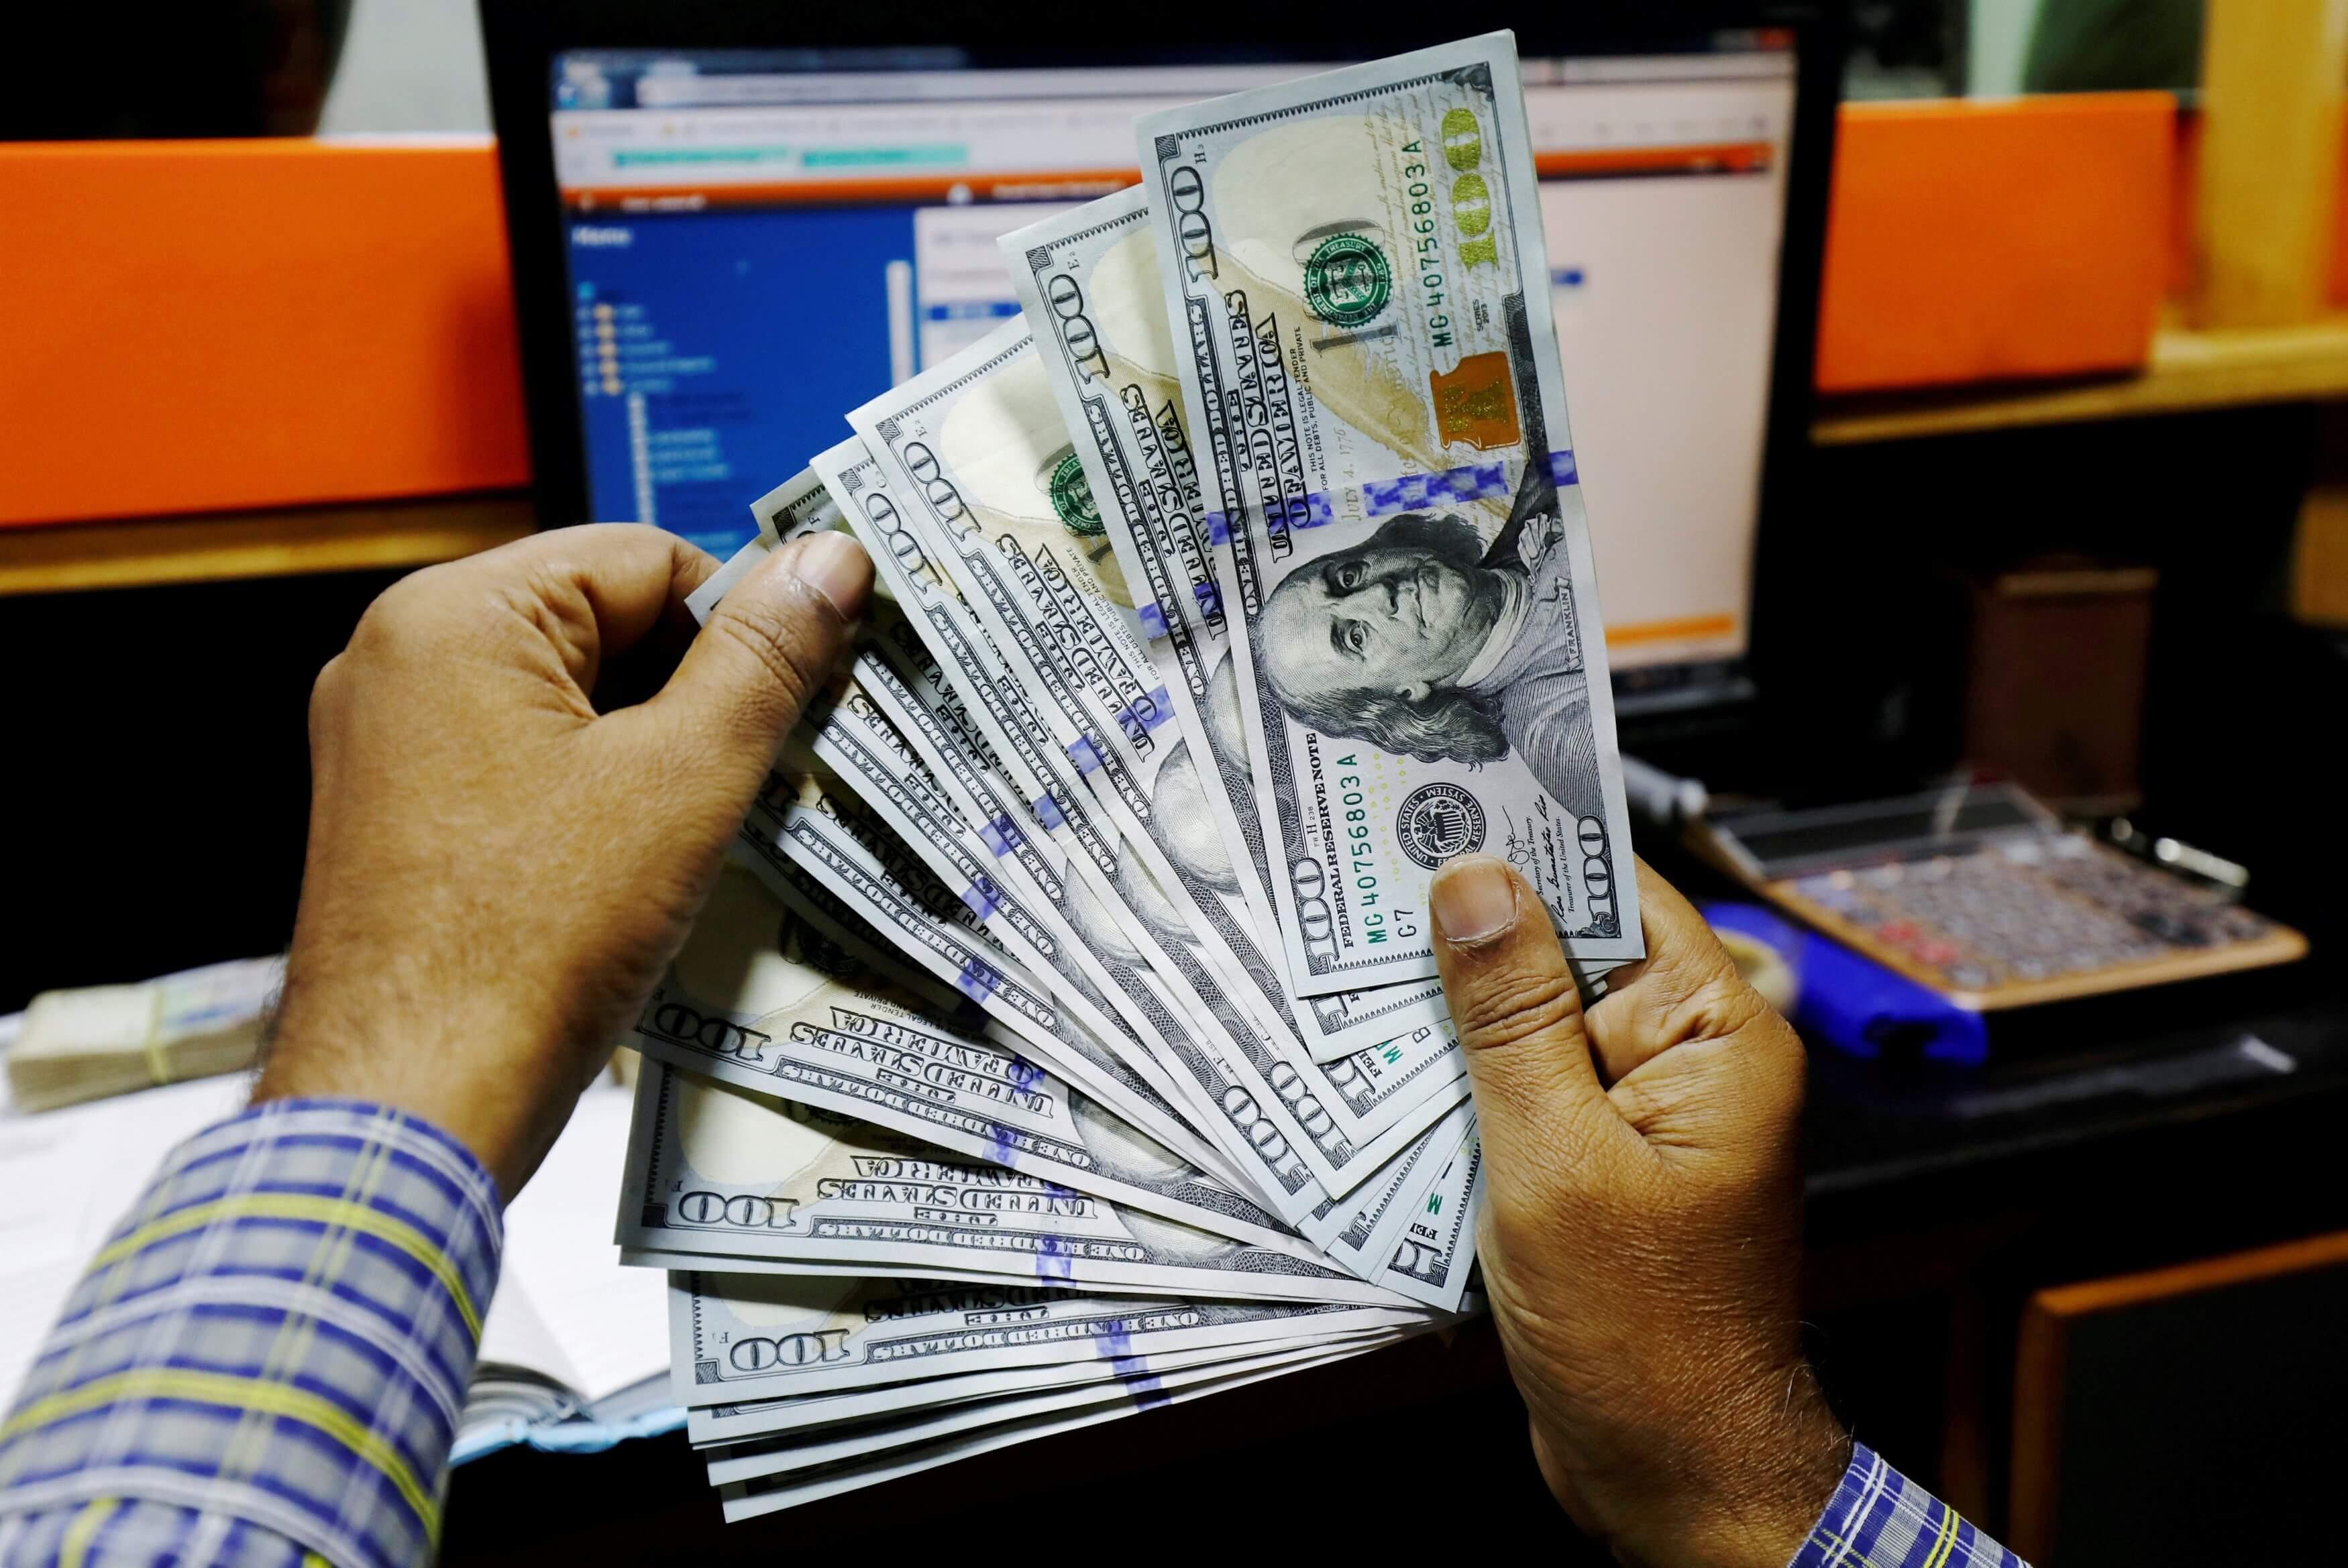 Αναβολή ως το 2028 για την κυκλοφορία του νέου χαρτονομίσματος των 20 δολαρίων